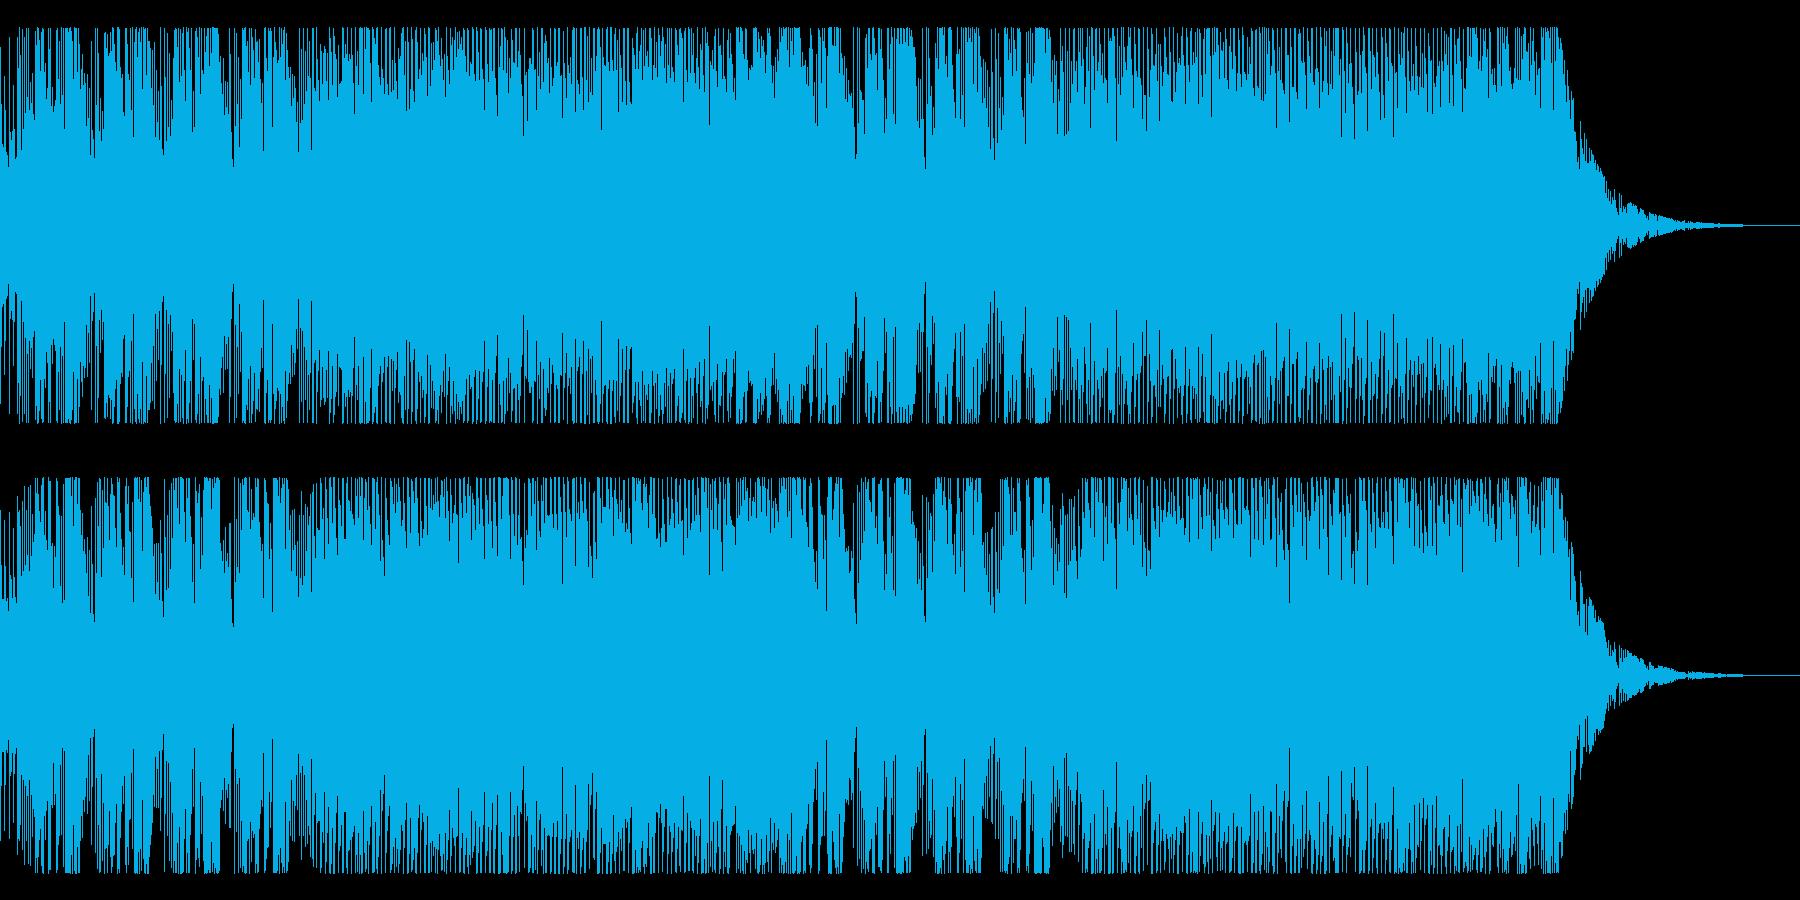 時限イベント用の焦らされるロック曲の再生済みの波形